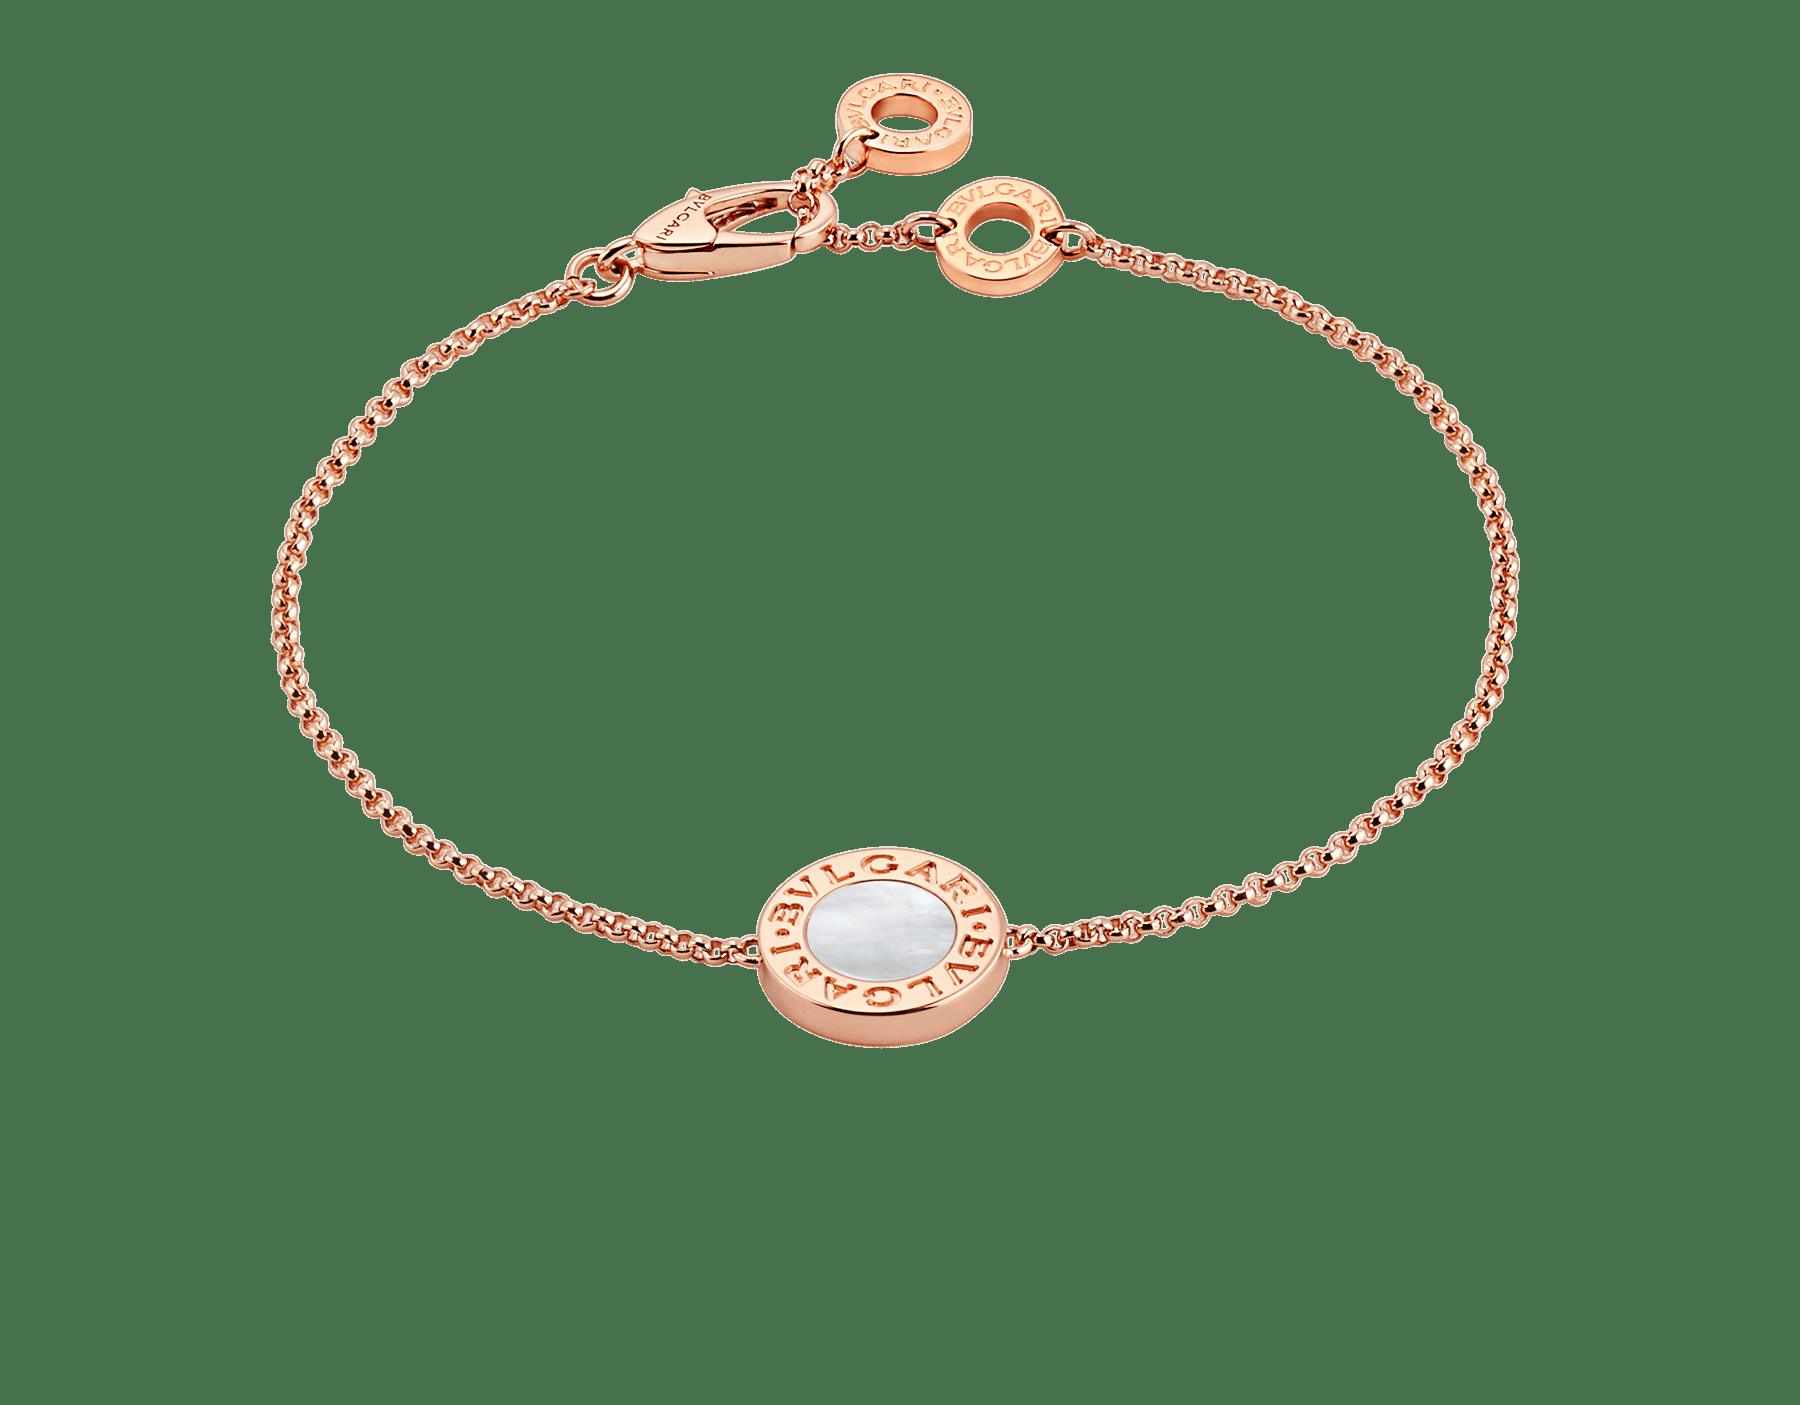 Pulseira BVLGARIBVLGARI em ouro rosa 18K cravejada com madrepérola BR857192 image 1